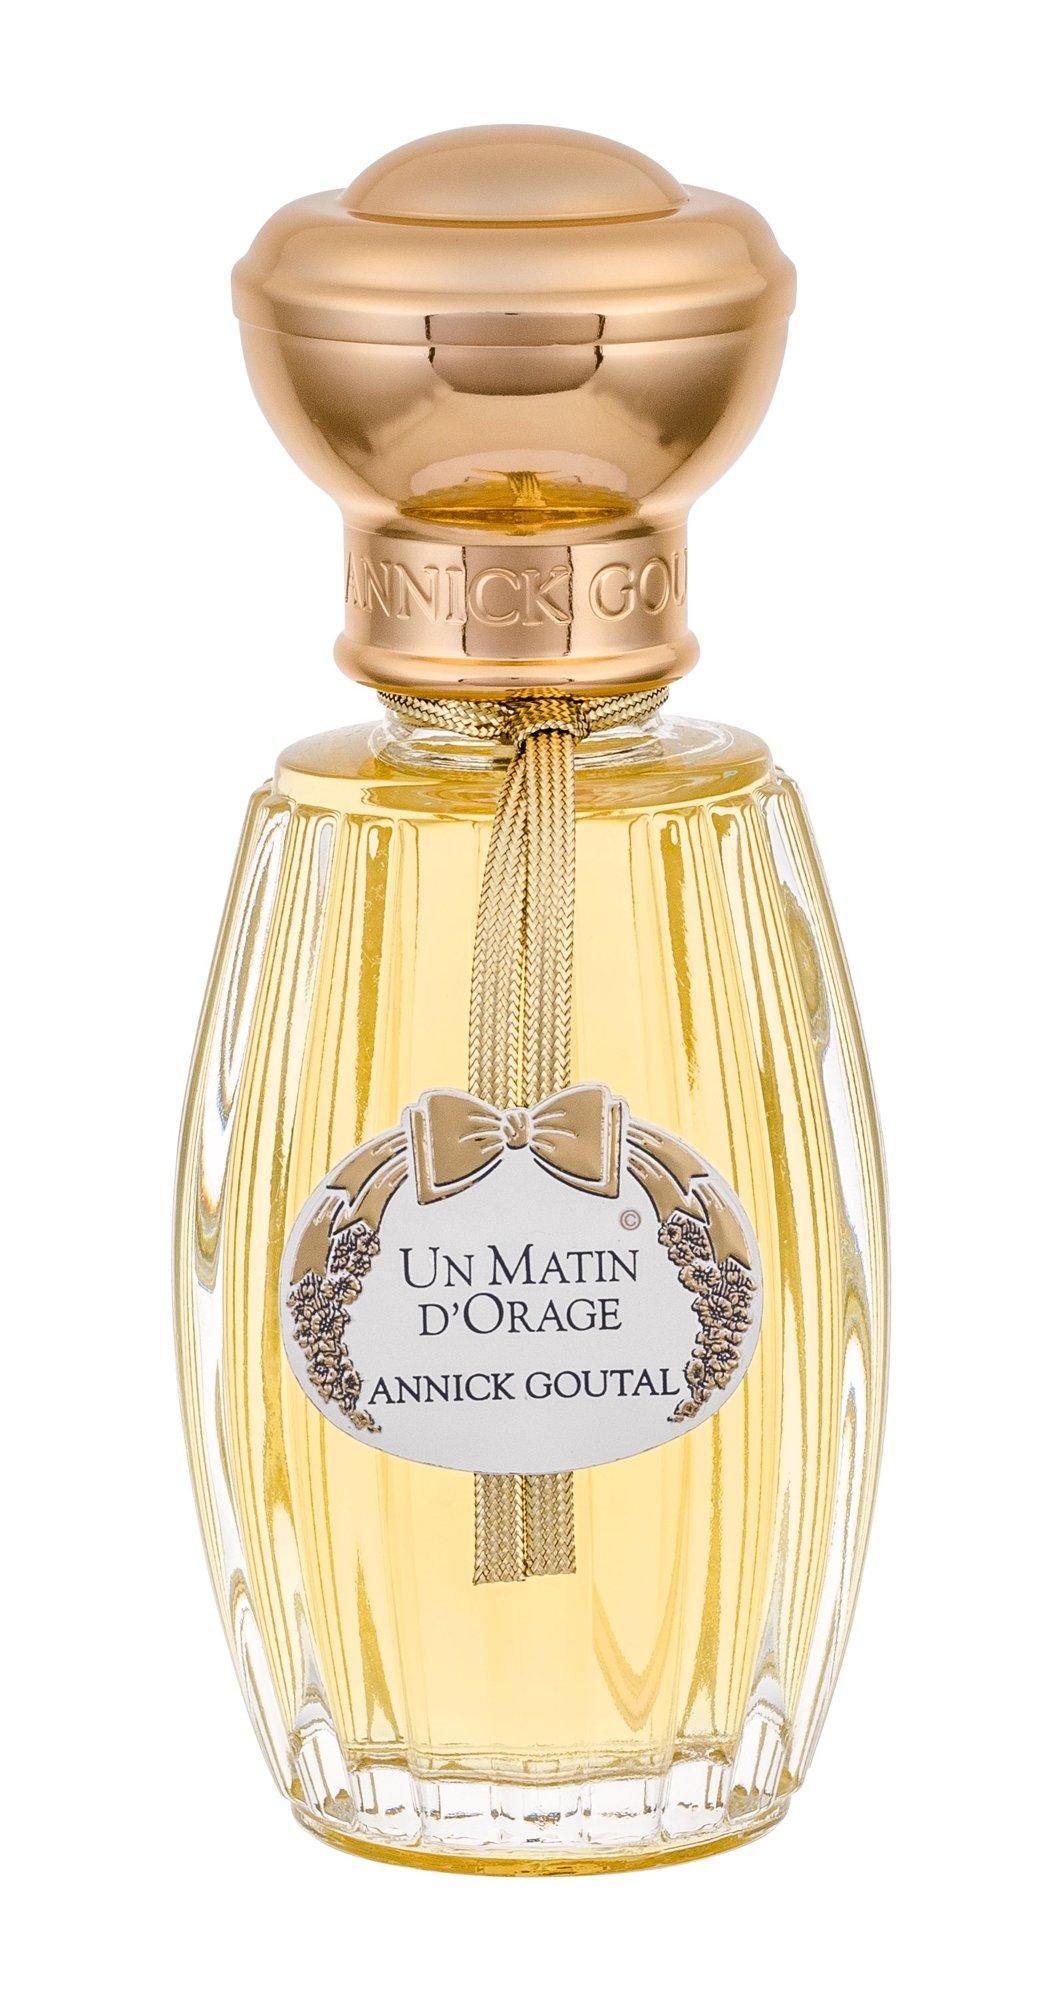 Annick Goutal Un Matin d´Orage Eau de Parfum 100ml